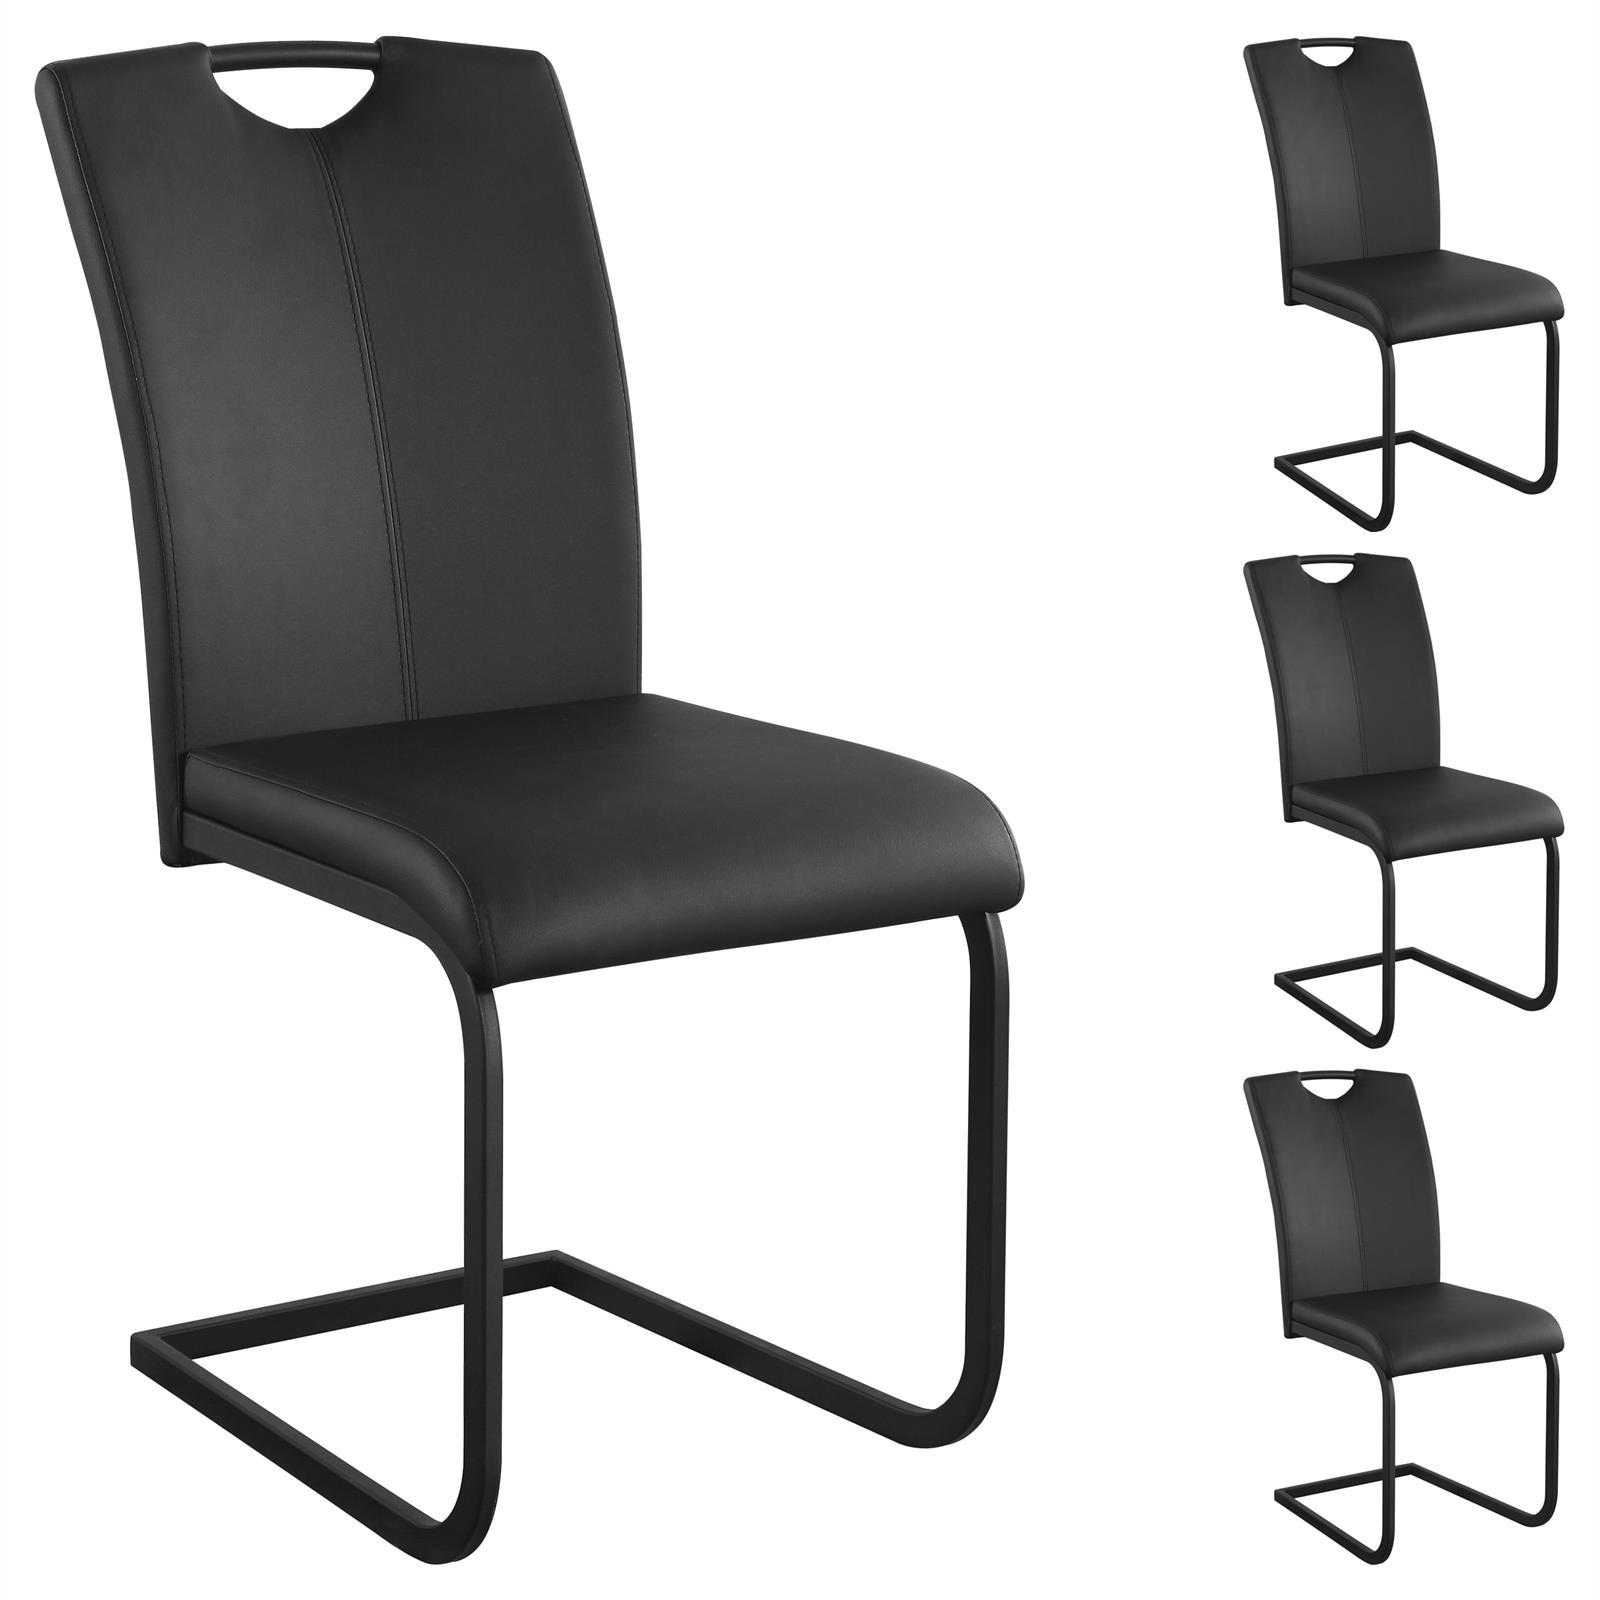 4er set schwingstuhl freischwinger esszimmerstuhl k chenstuhl in 2 farben ebay. Black Bedroom Furniture Sets. Home Design Ideas